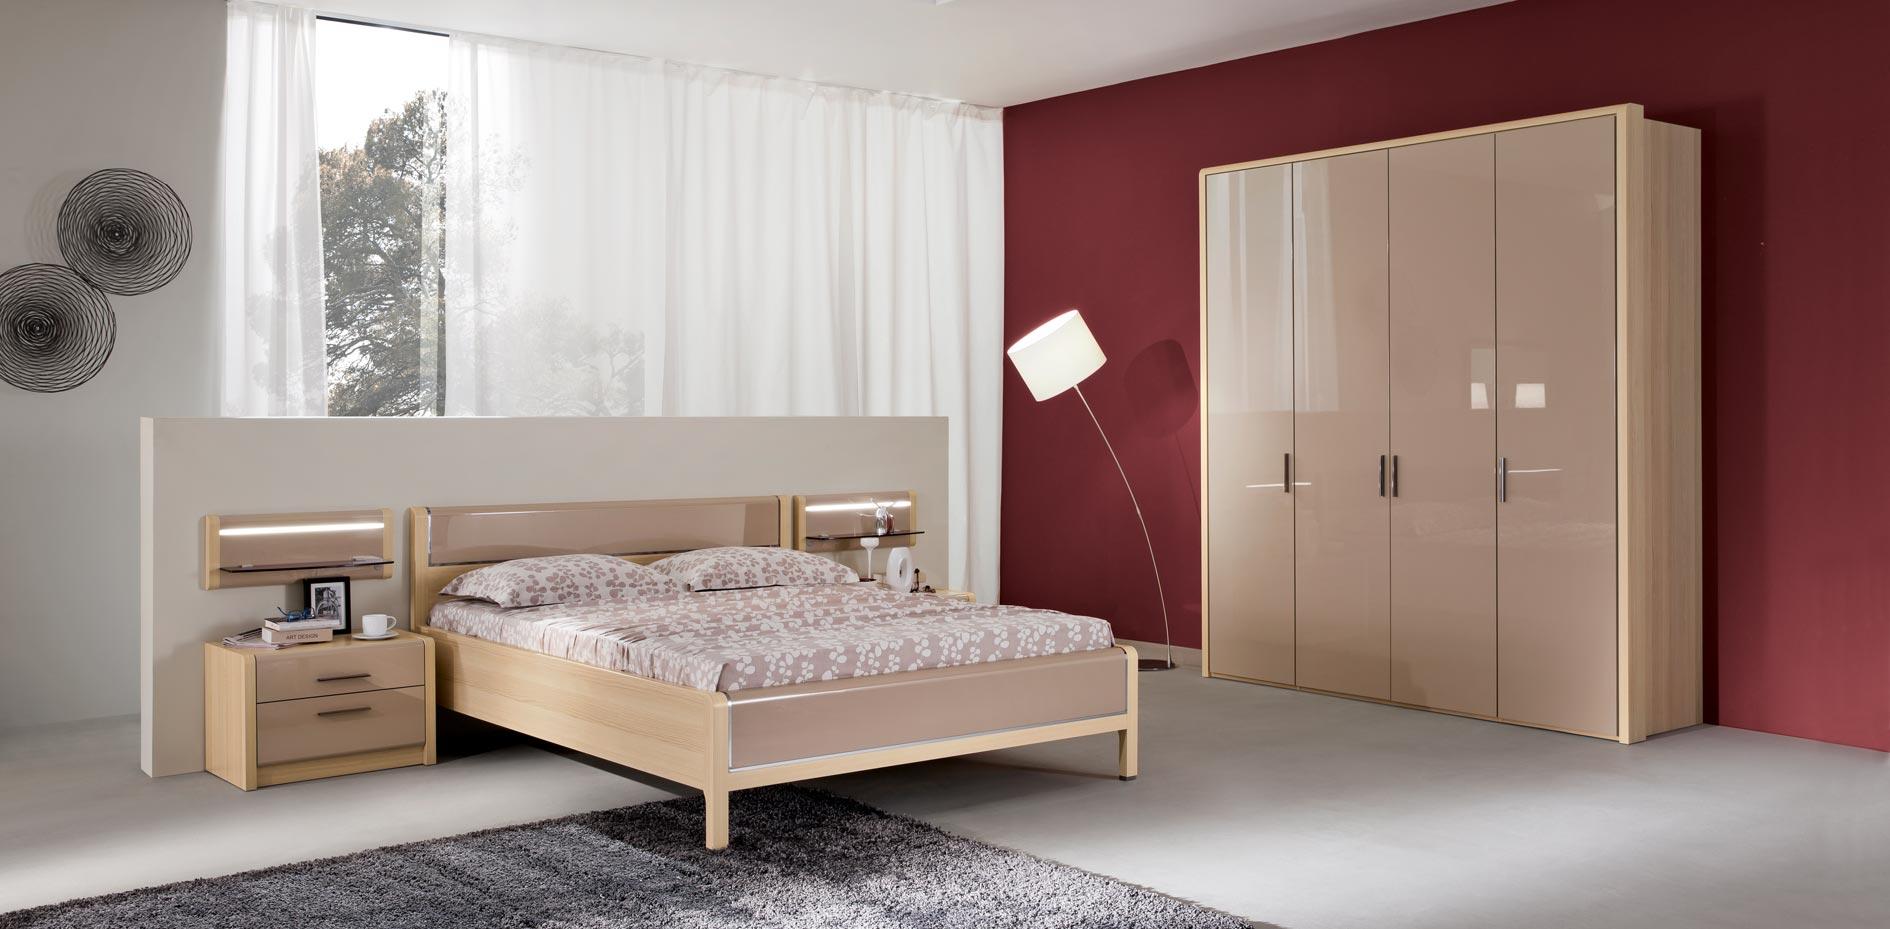 Как привлечь 6000 покупателей мебели всего за 500 рублей?